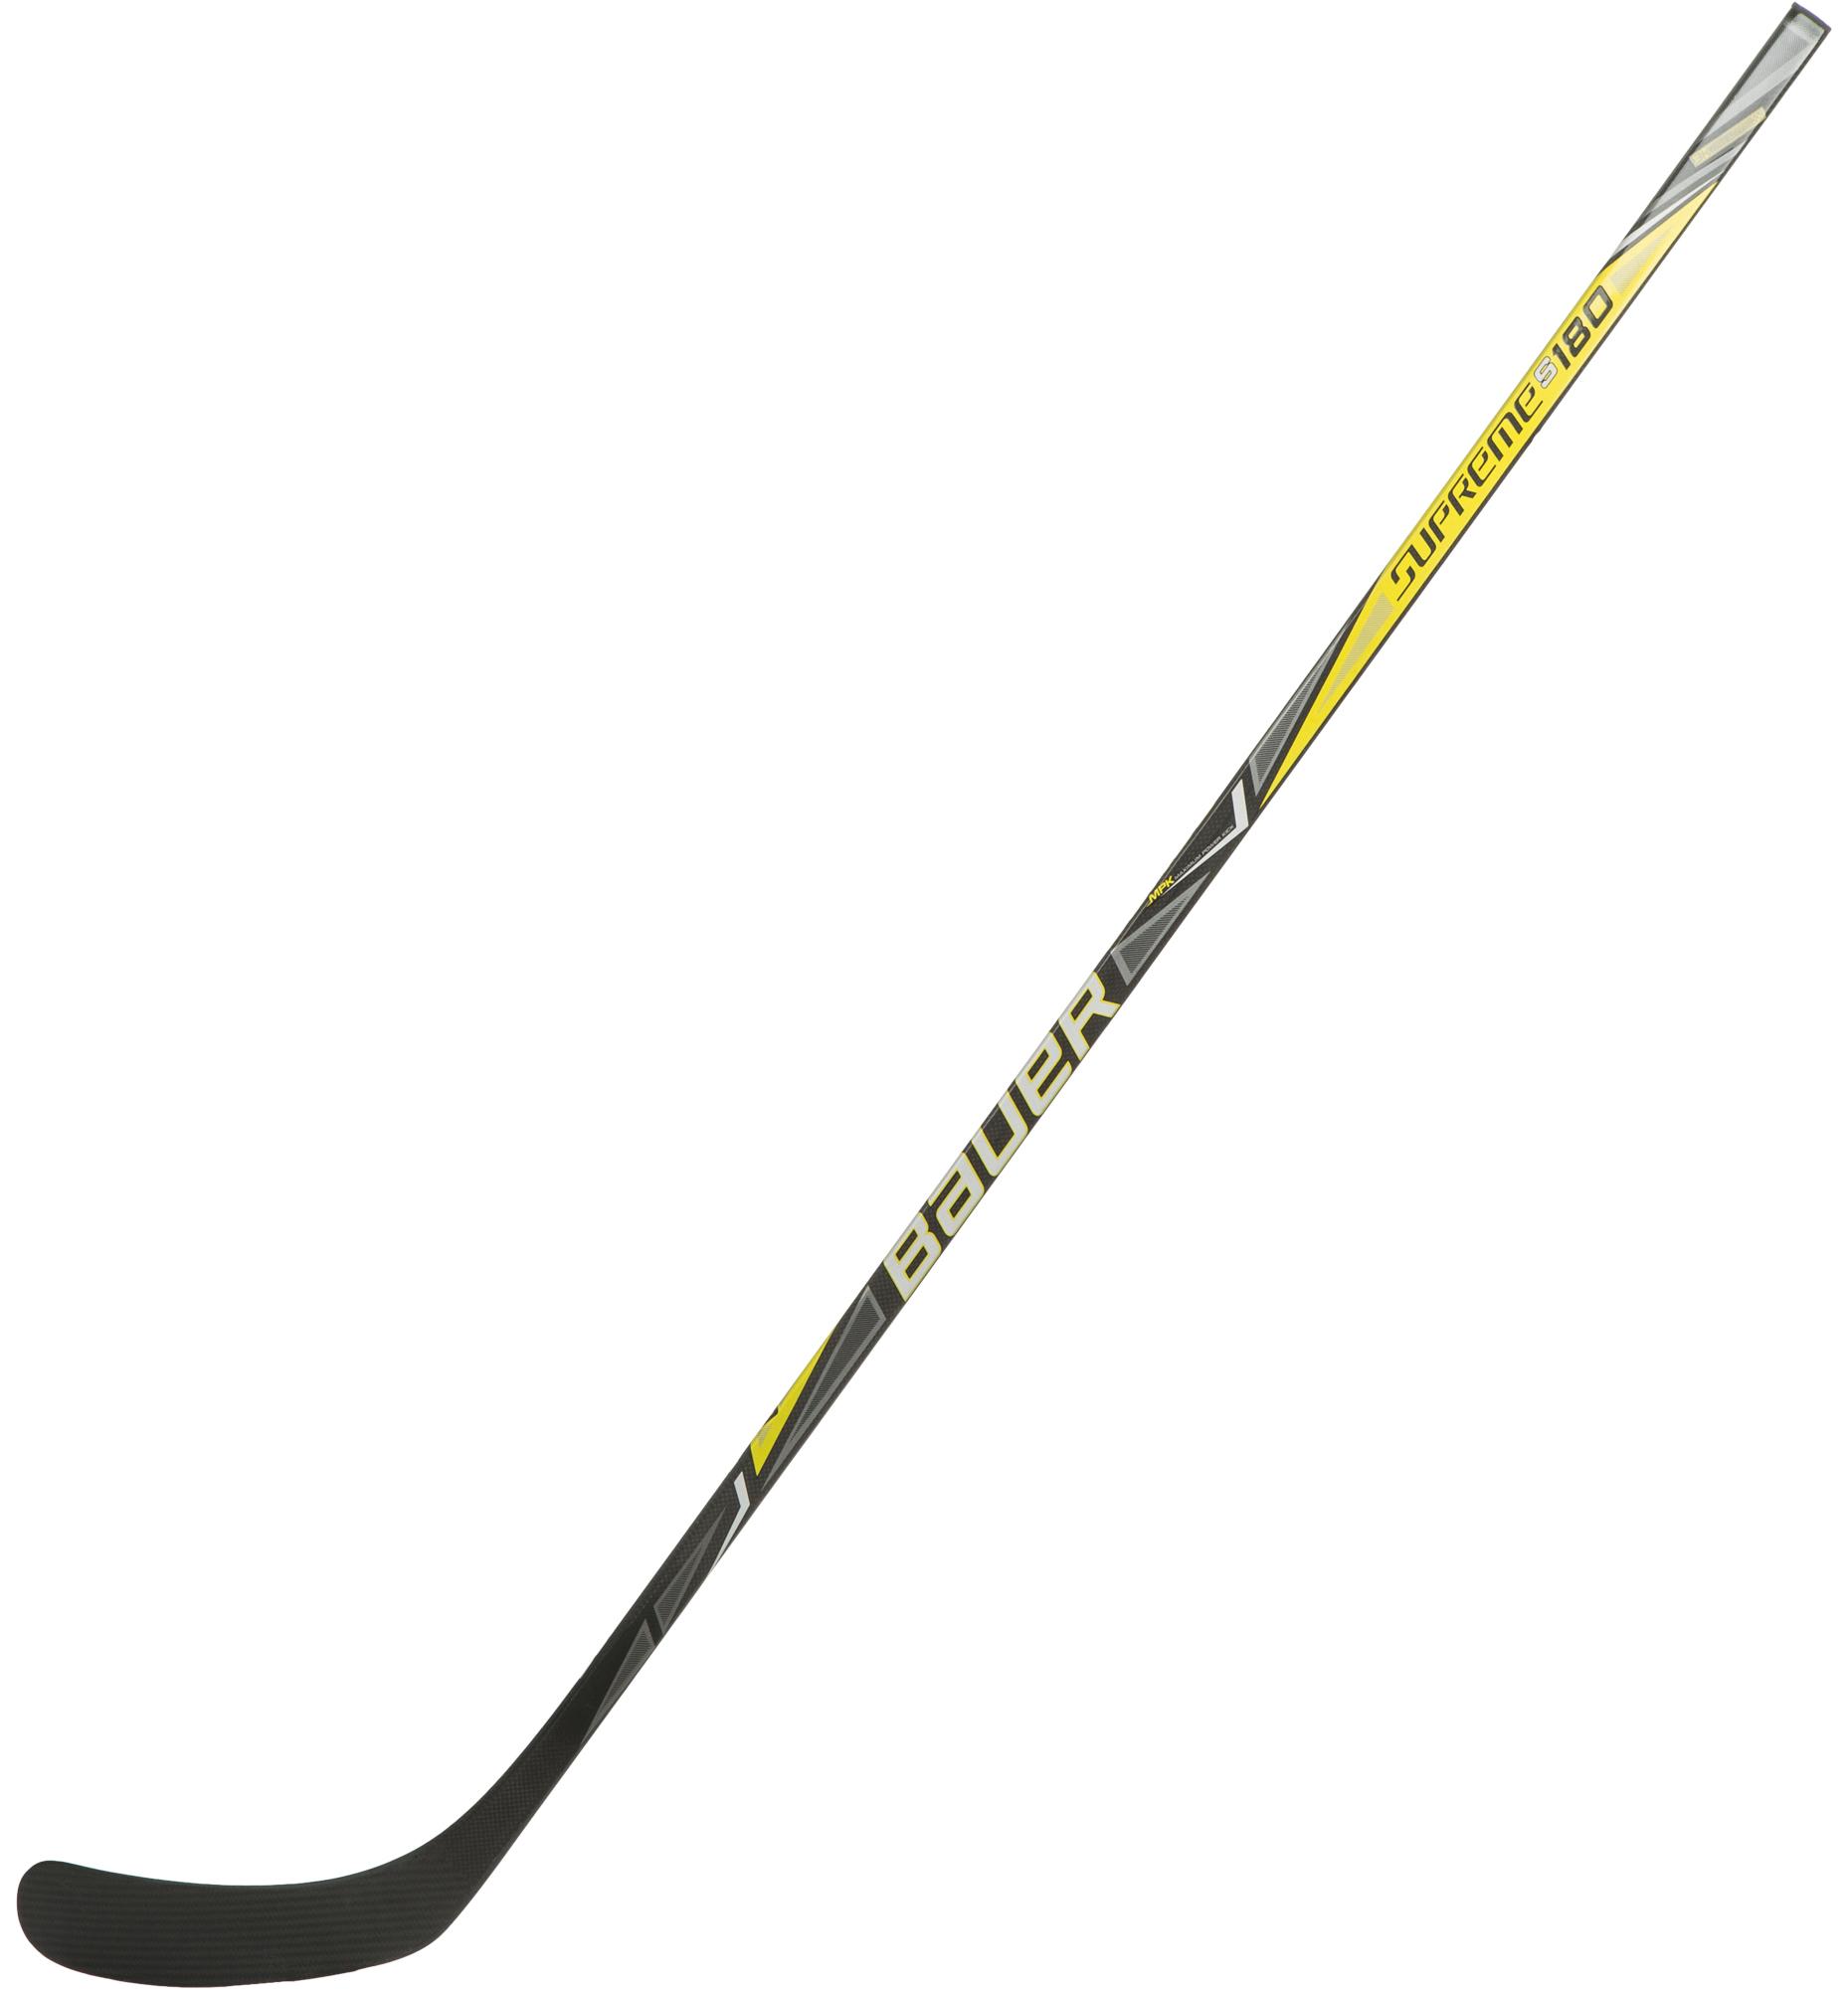 все цены на Bauer Клюшка хоккейная детская Bauer S17 Supreme S 180, размер R